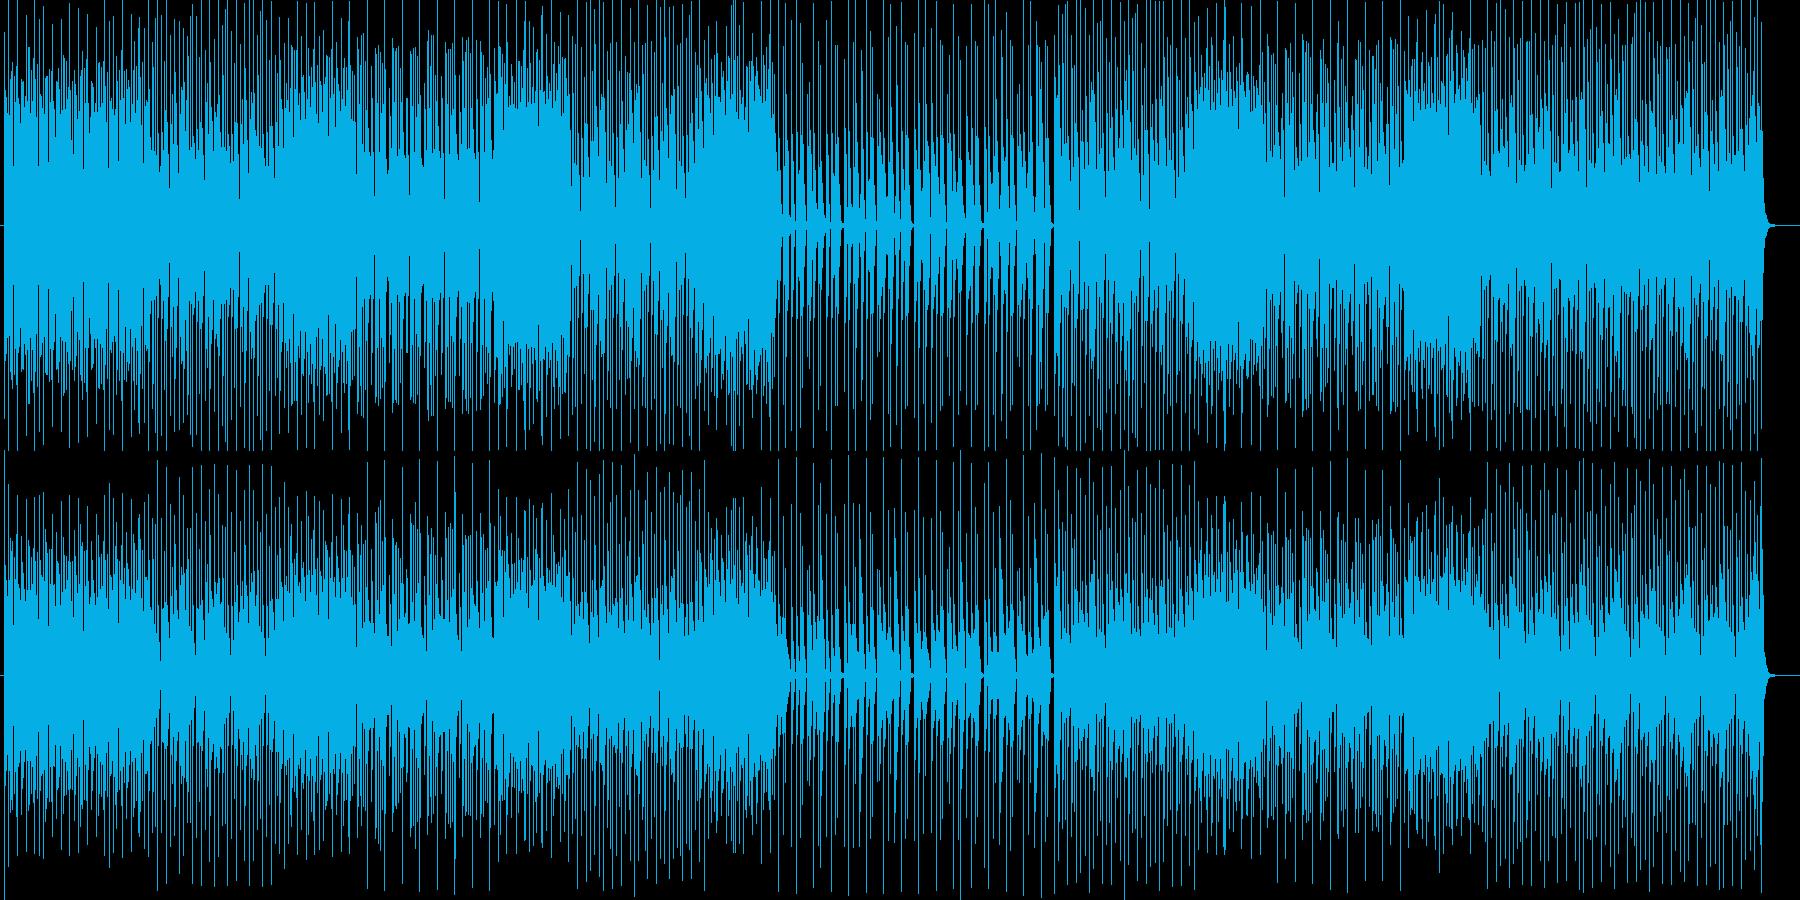 近未来感と疾走感のあるドラムンベースの再生済みの波形